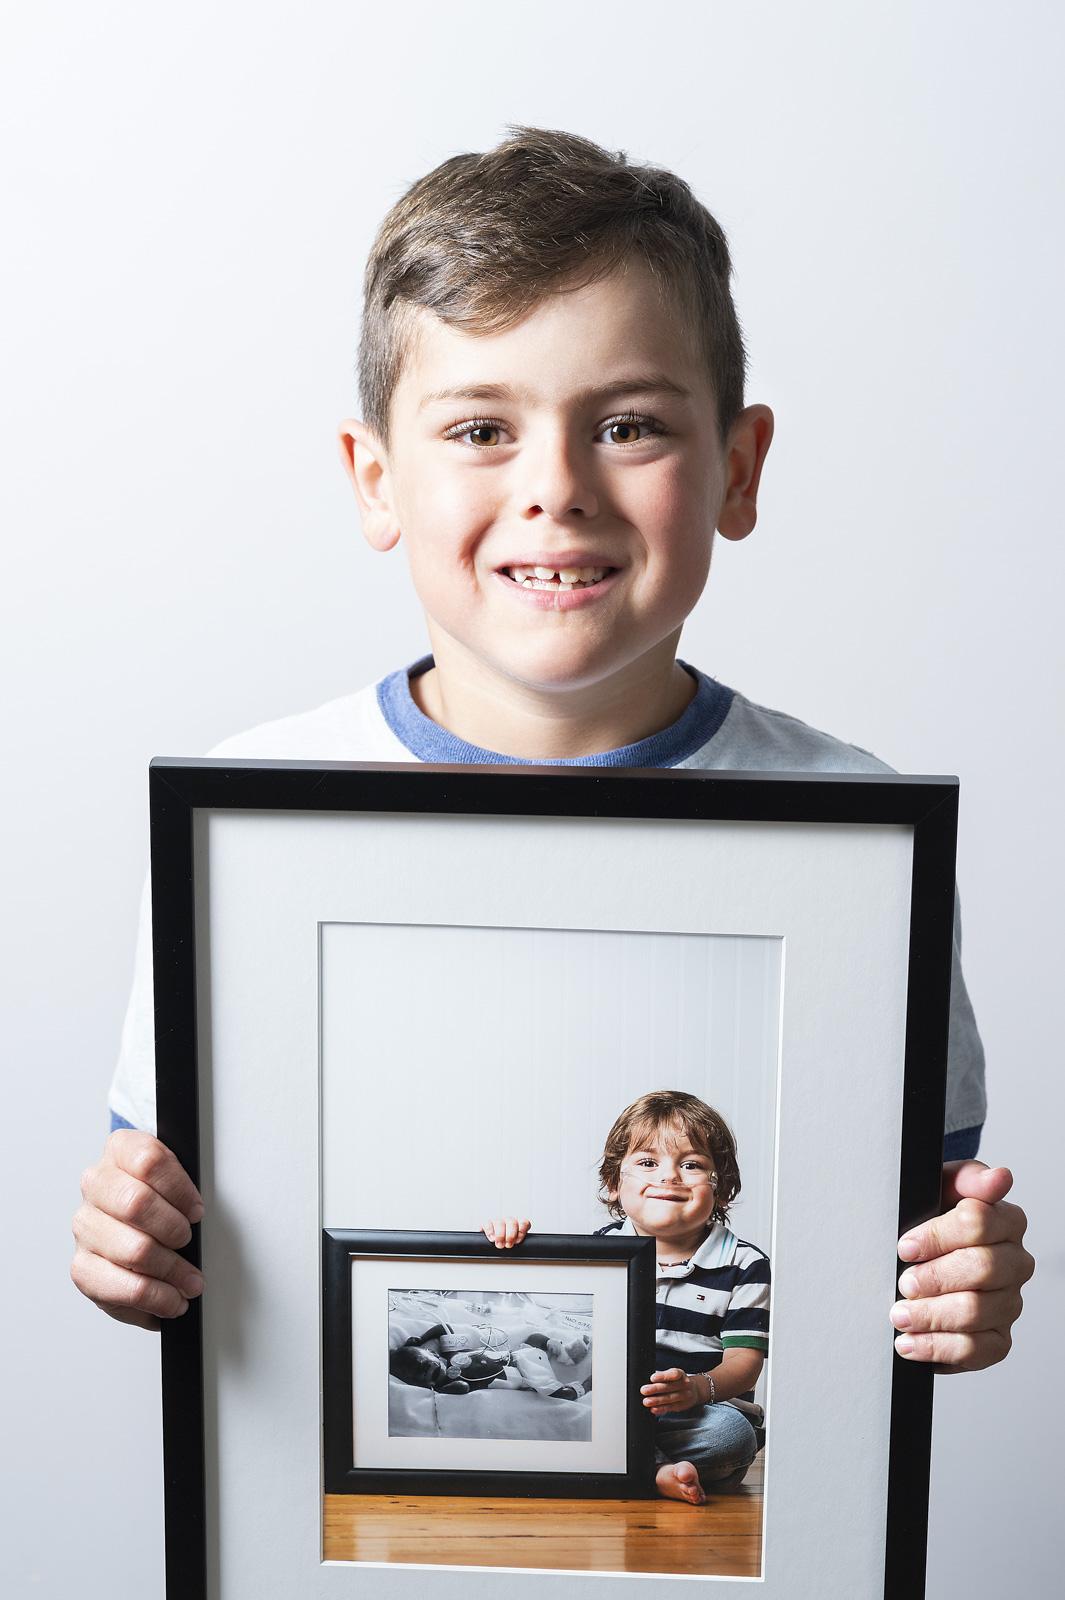 Enfant né prématurément qui tient une photo de lui plus jeune qui tient une photo de lui pendant qu'il était à l'hôpital